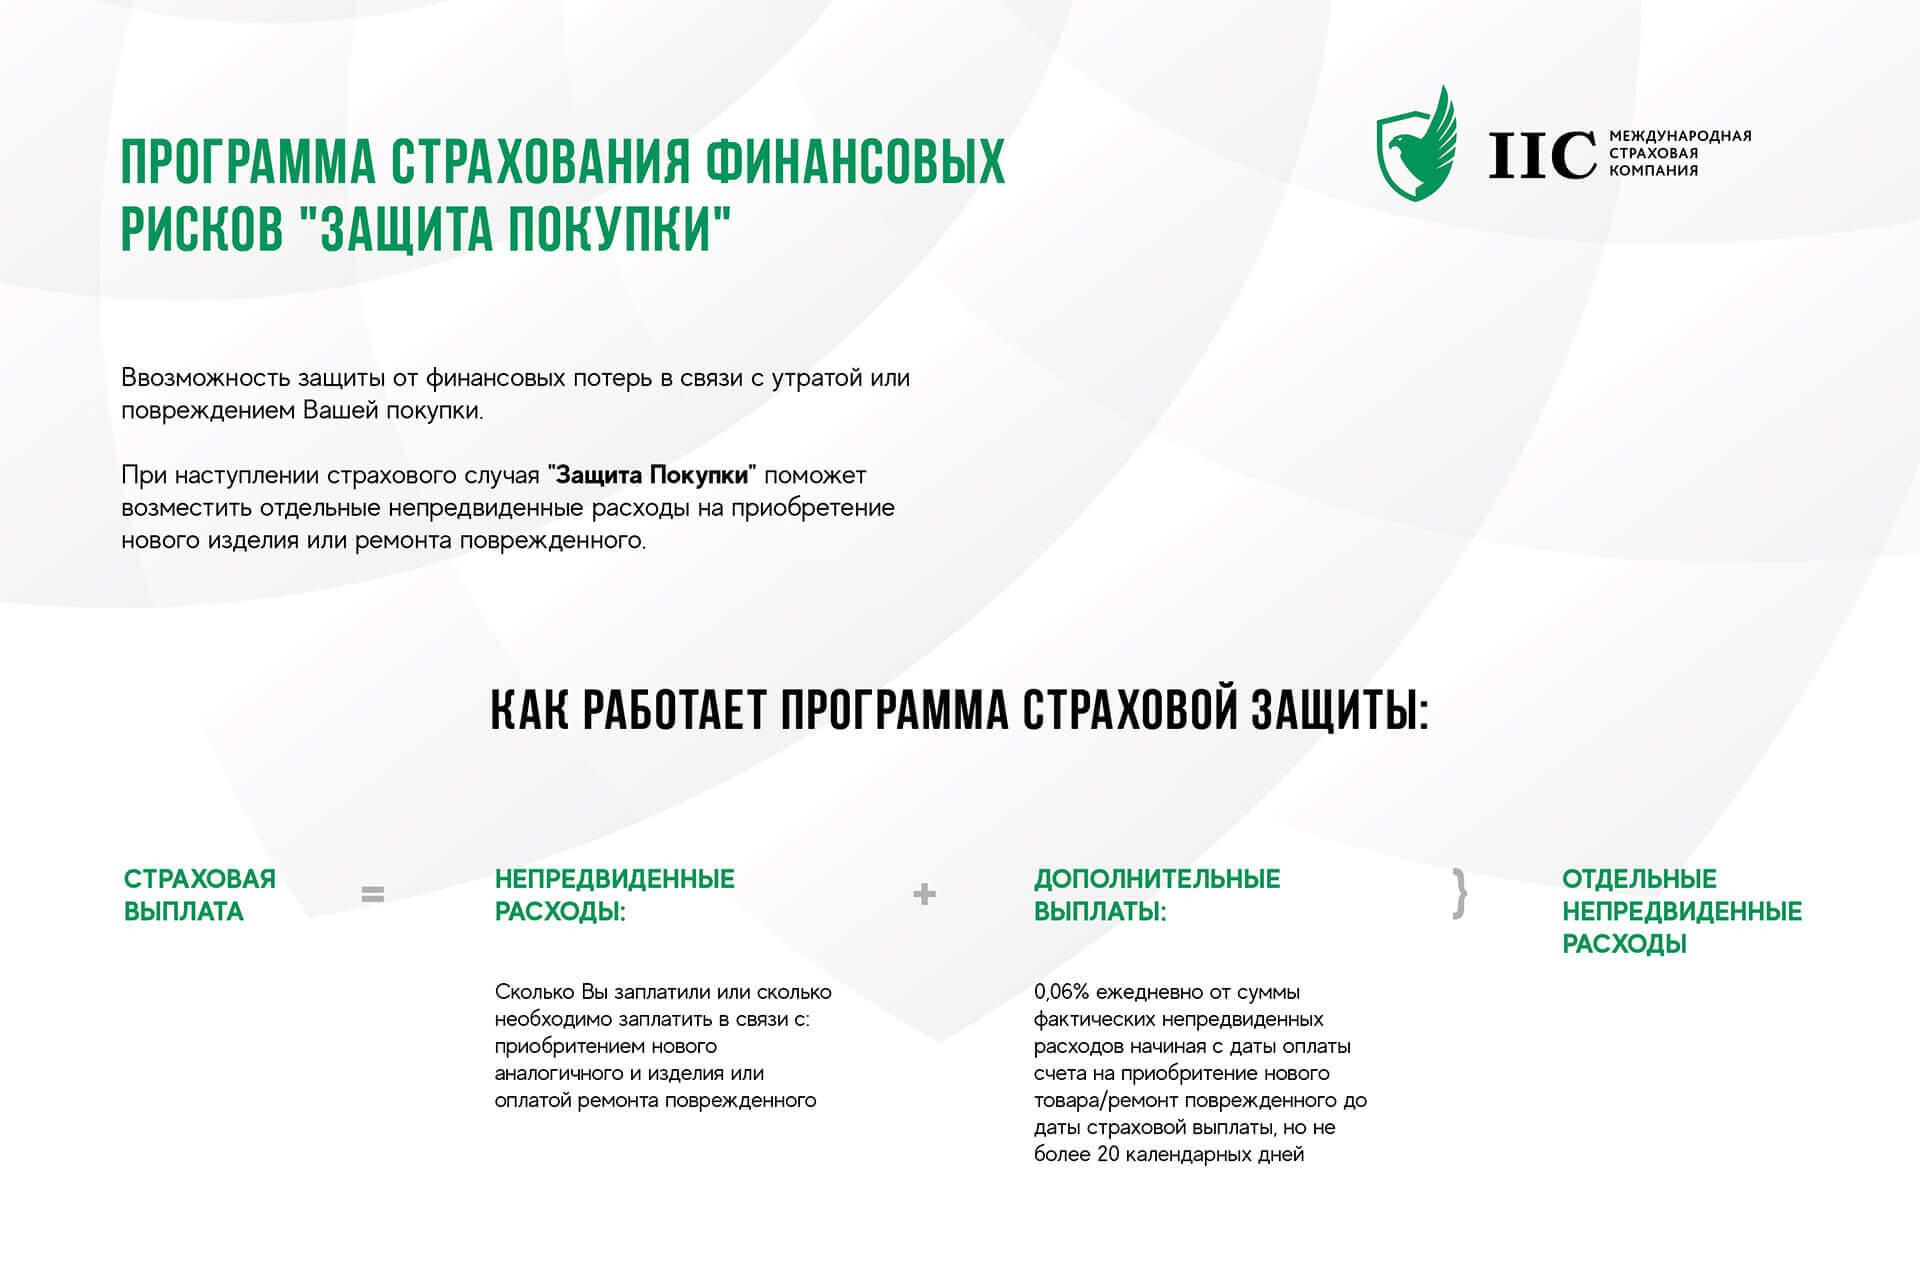 Презентация страховой компании образец, скачать пример в pdf